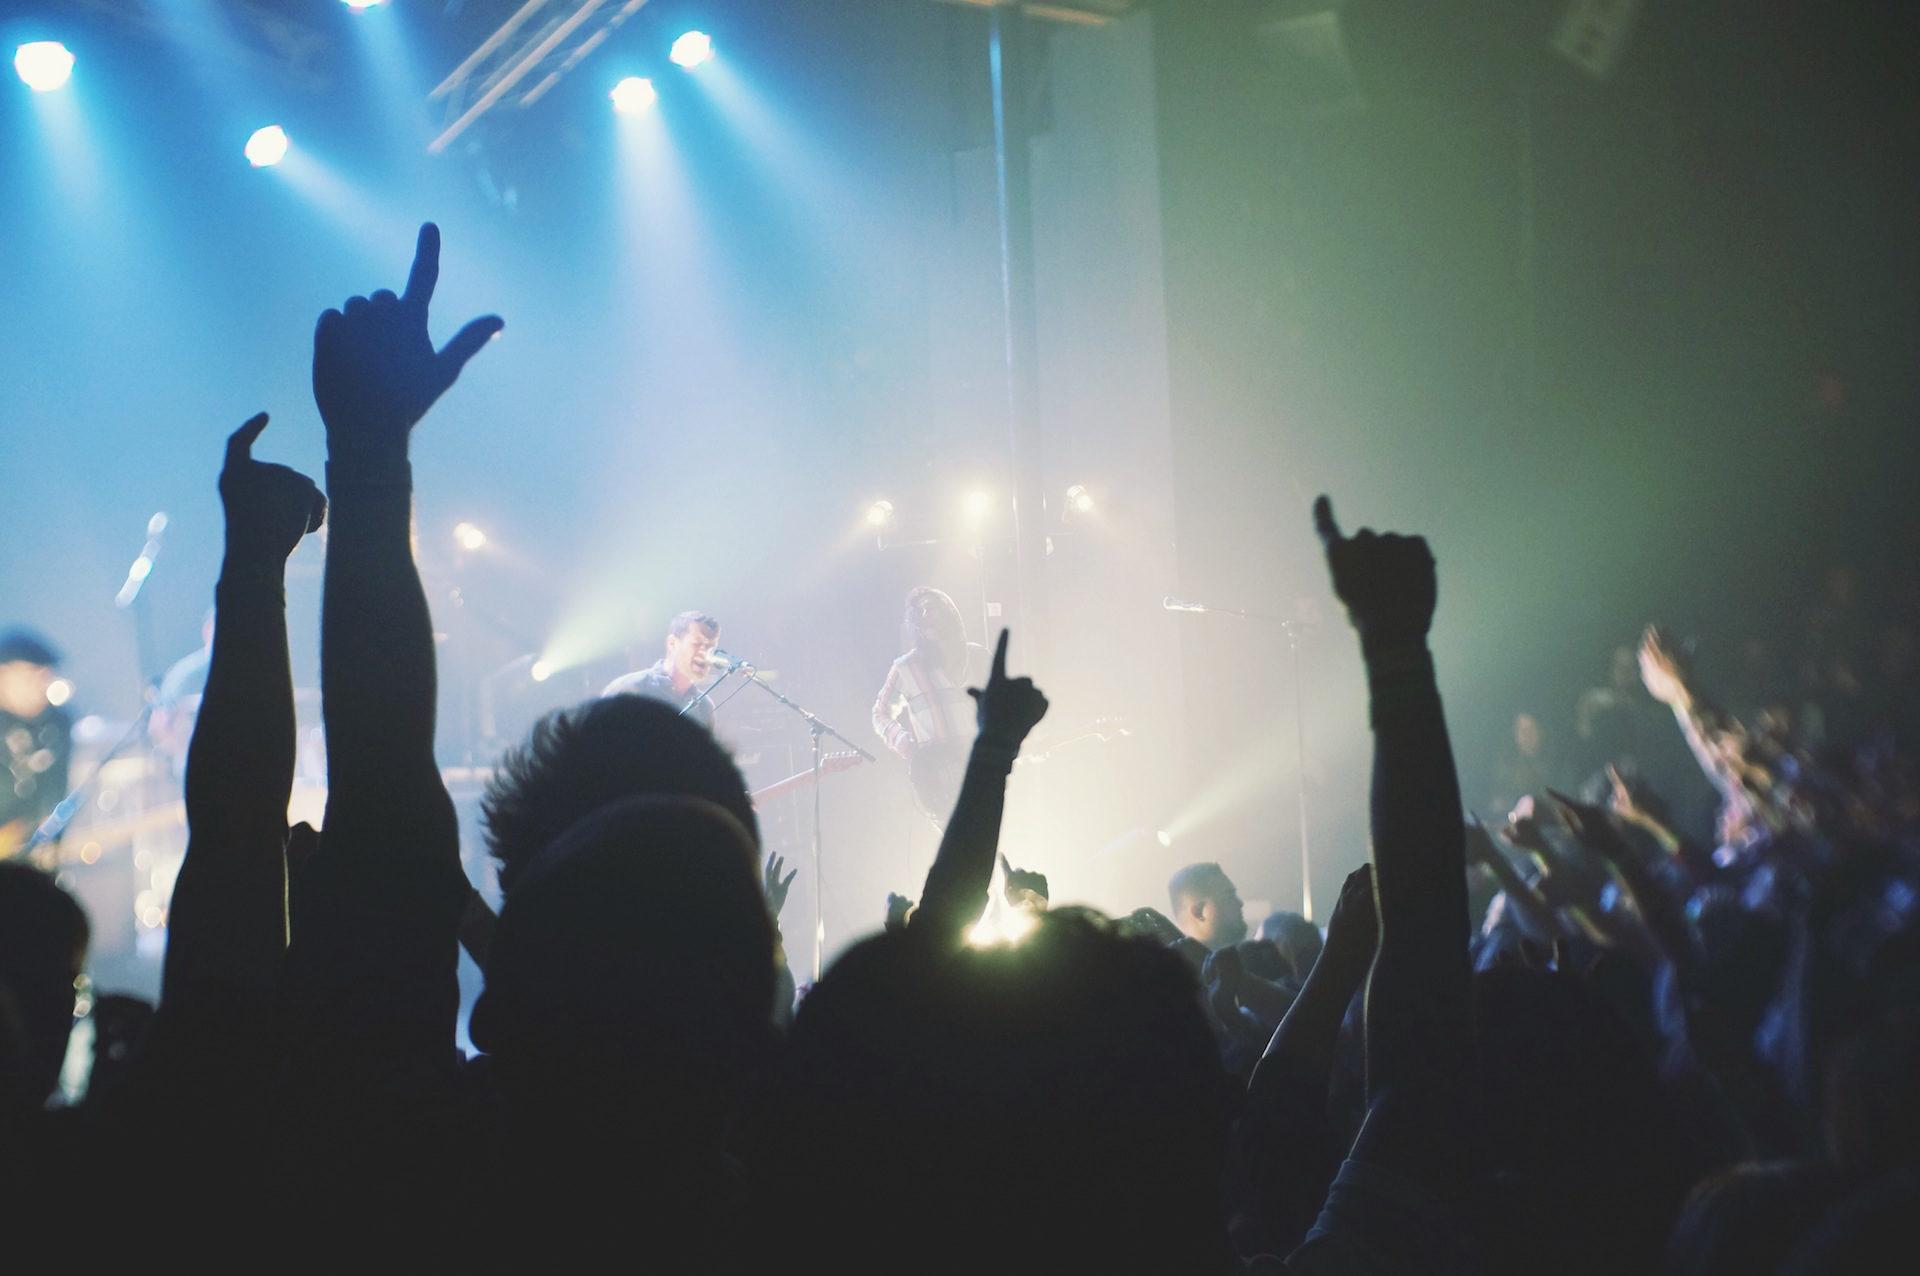 コンサート, 楽しい, 手, cantante, ダンス - HD の壁紙 - 教授-falken.com